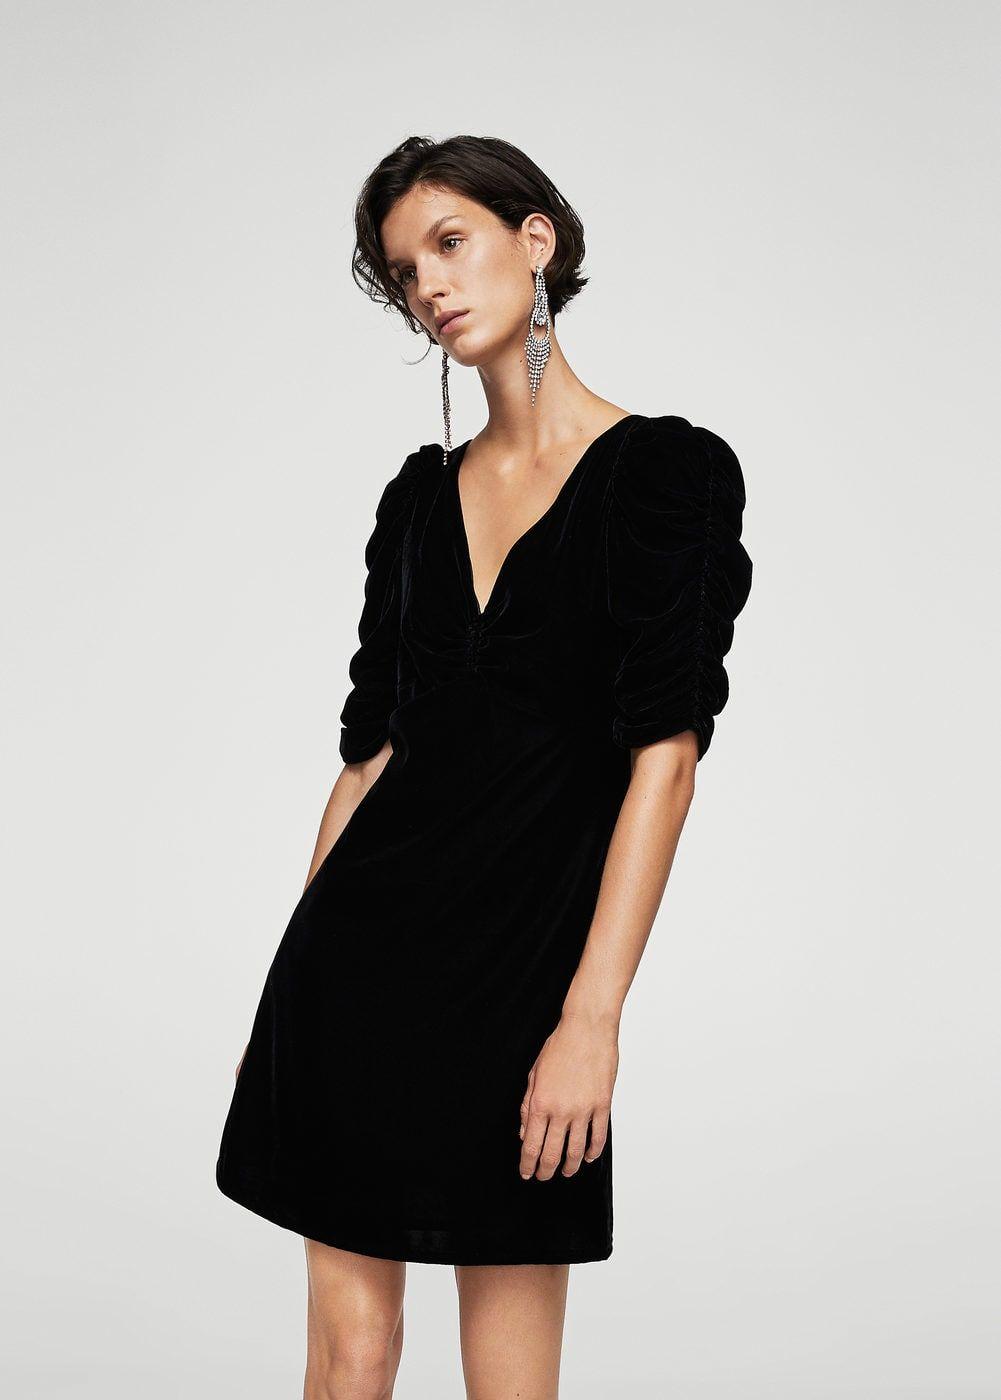 Ruched velvet dress - Women | Pinterest